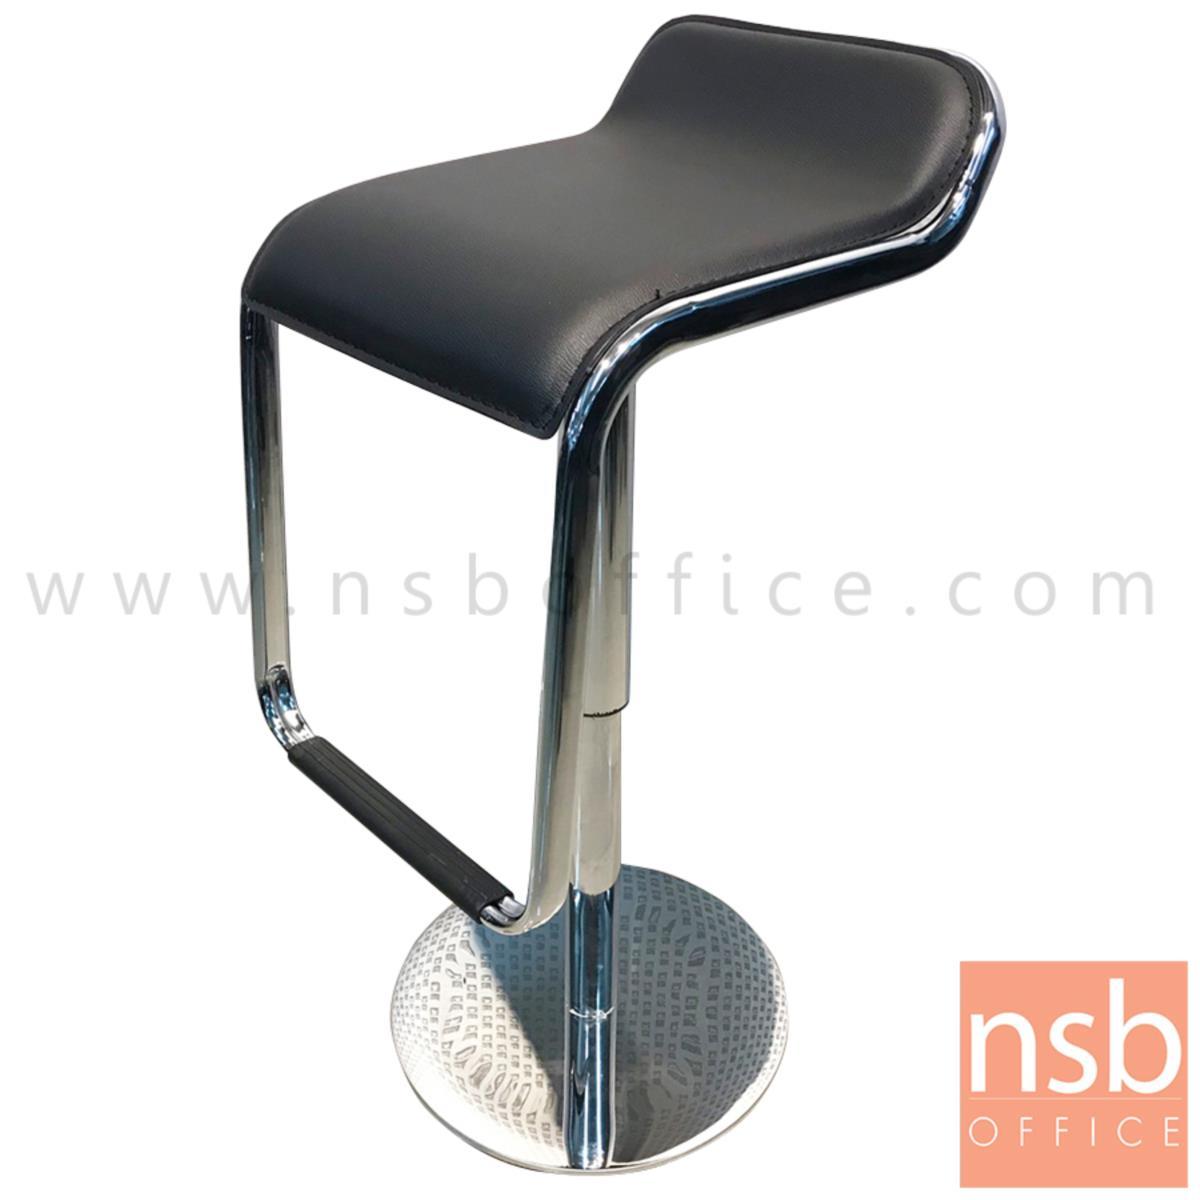 B18A066:เก้าอี้บาร์สูงหนังเทียม รุ่น Shasta (ชาสต้า) ขนาด 35W cm. ฐานสเตนเลสแผ่นเรียบ (งานโรงแรม)